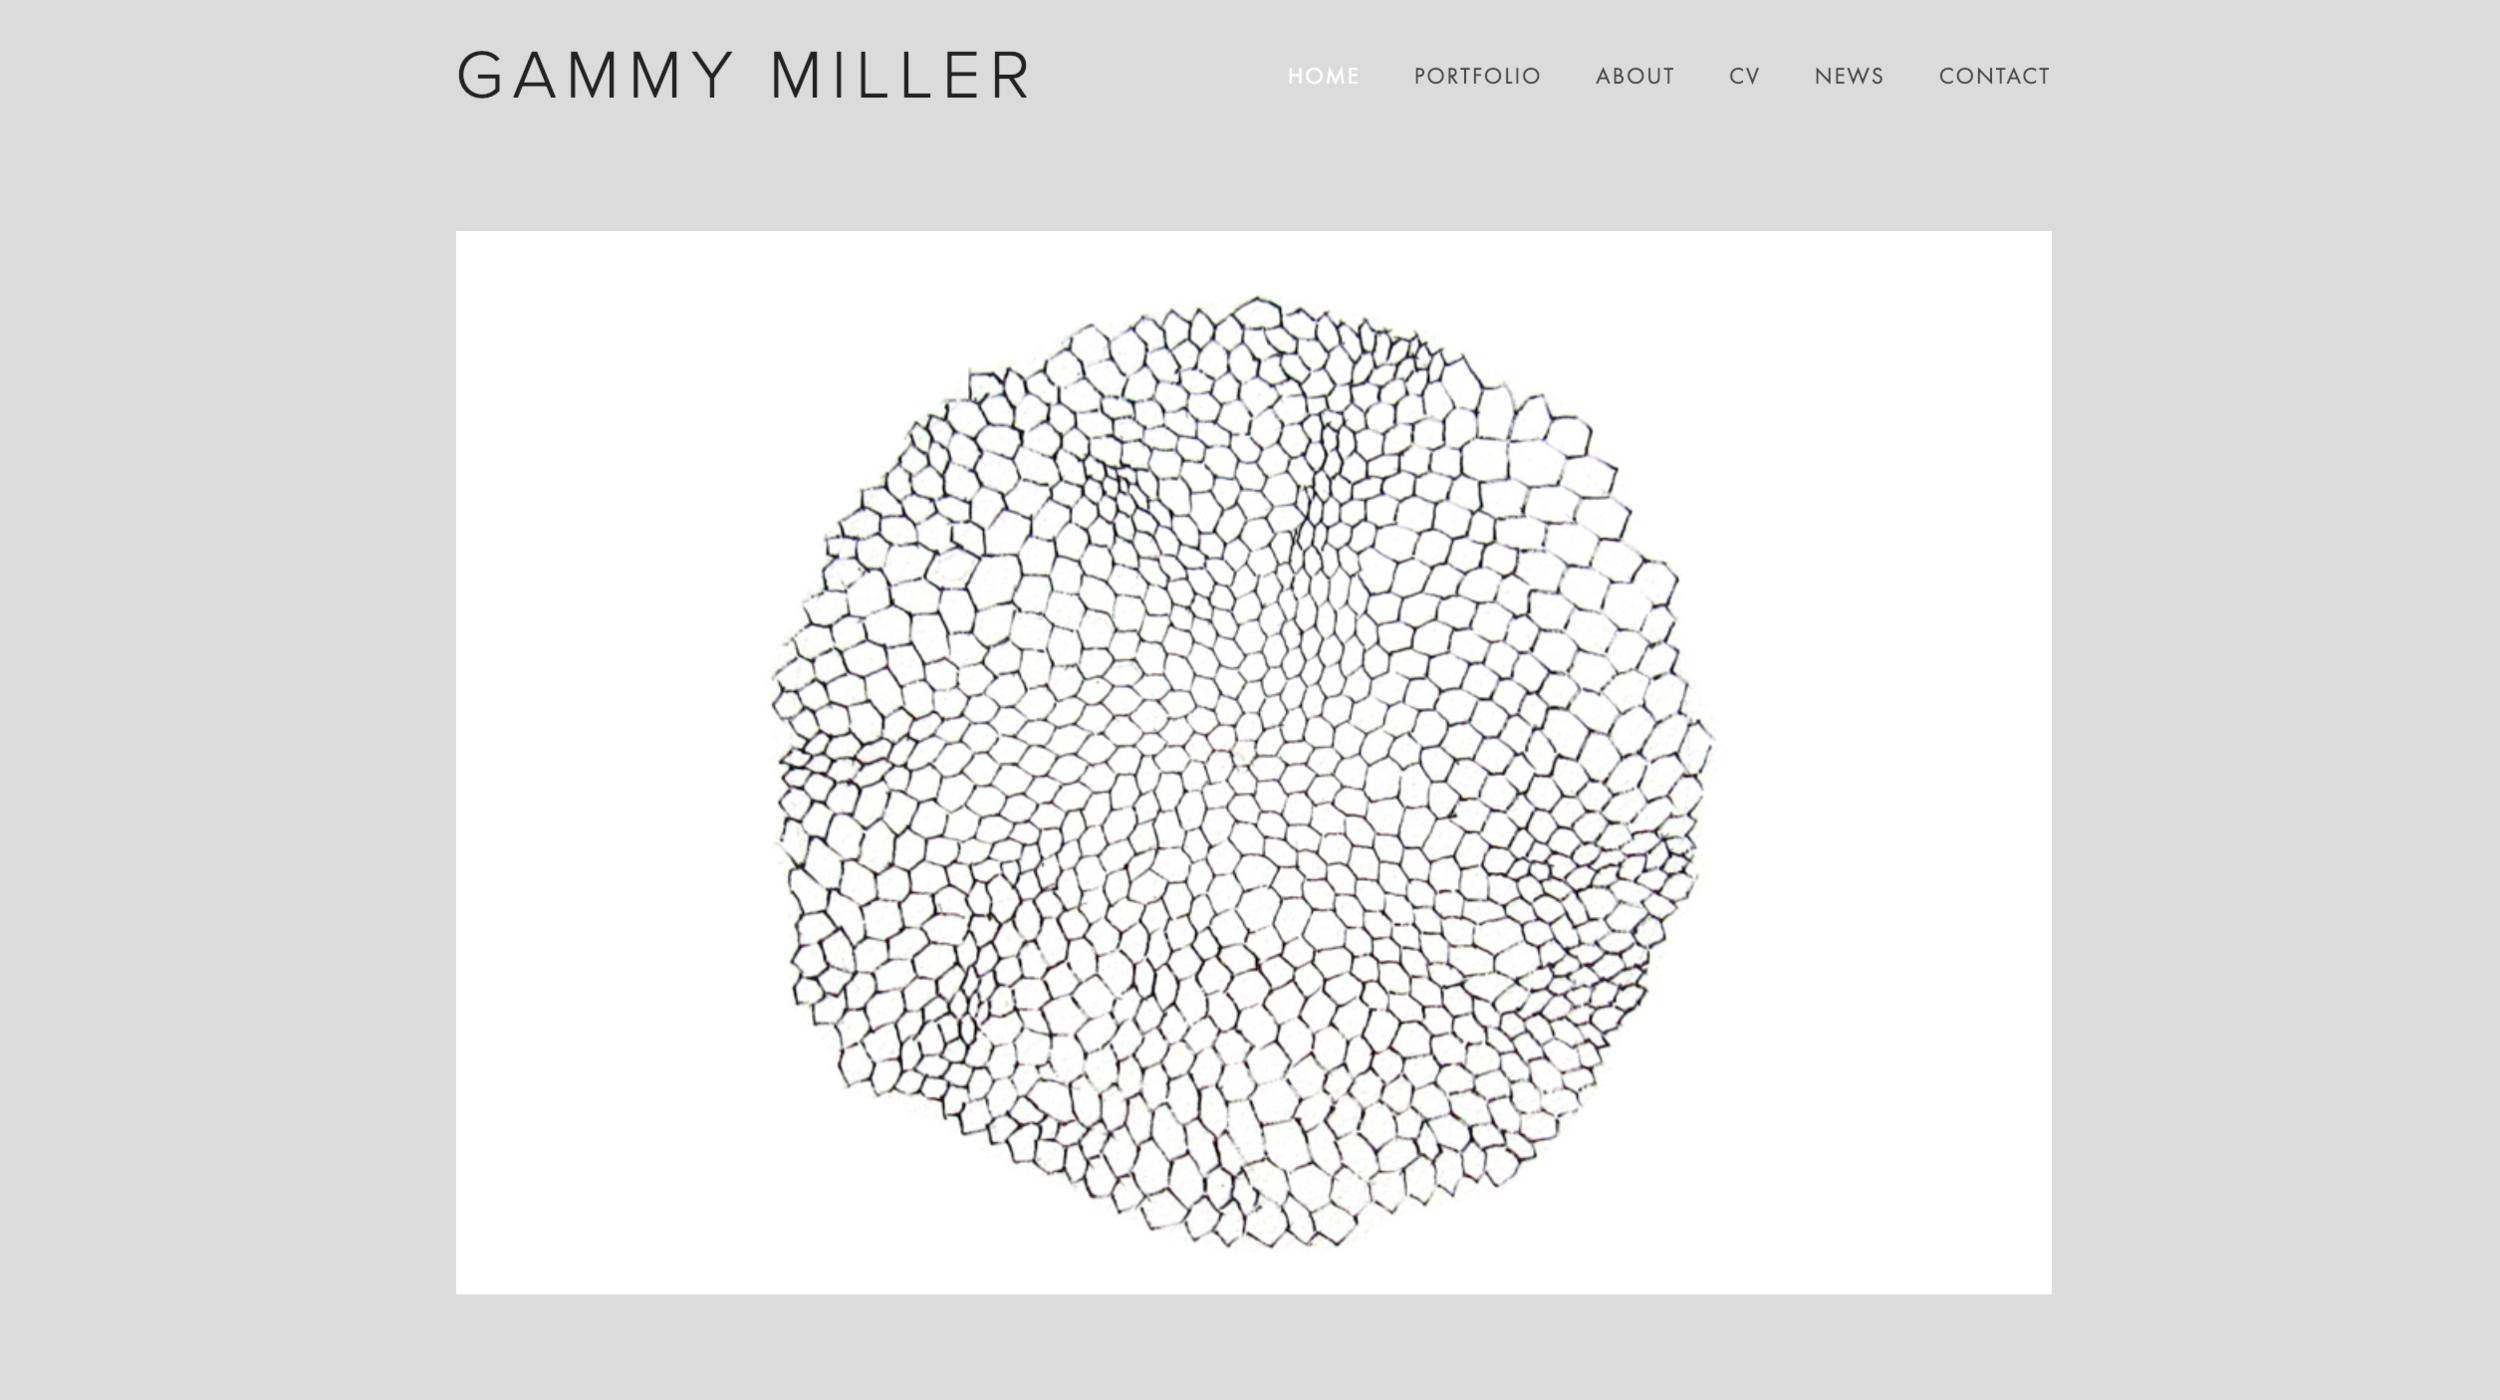 Gammy Miller